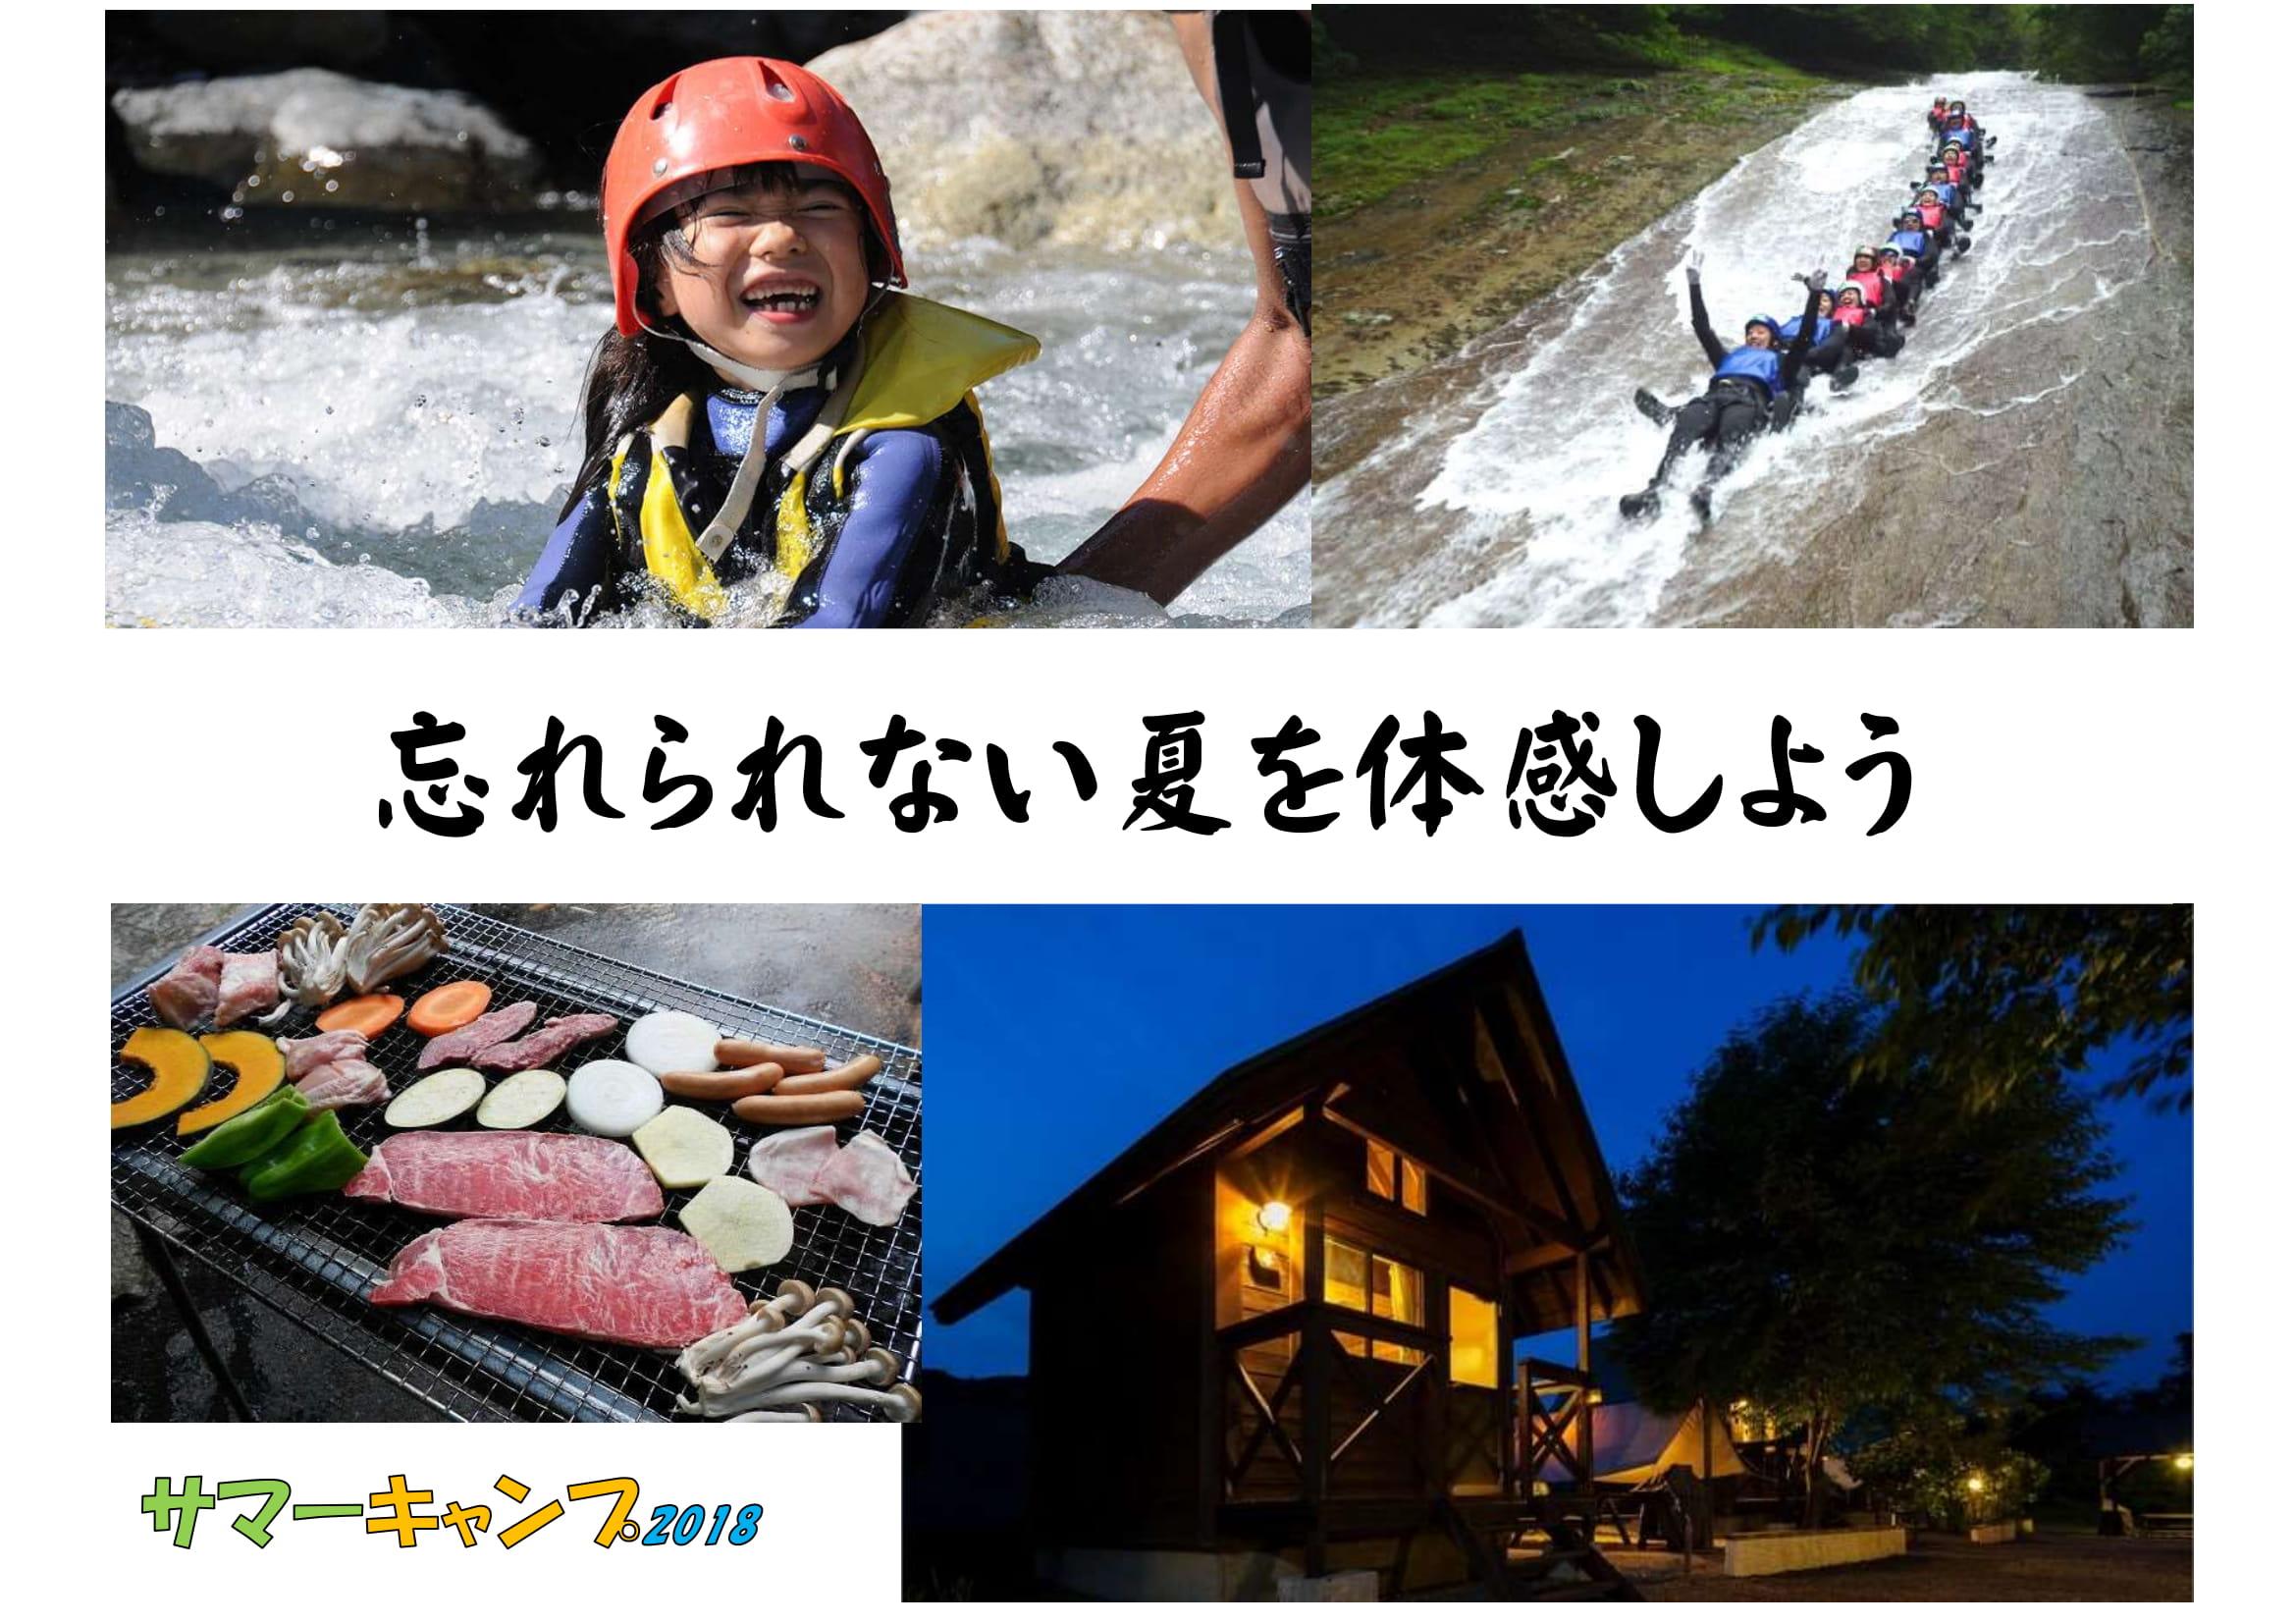 西新井スイミング「大自然をまるごとぼうけんしよう!」PR開始